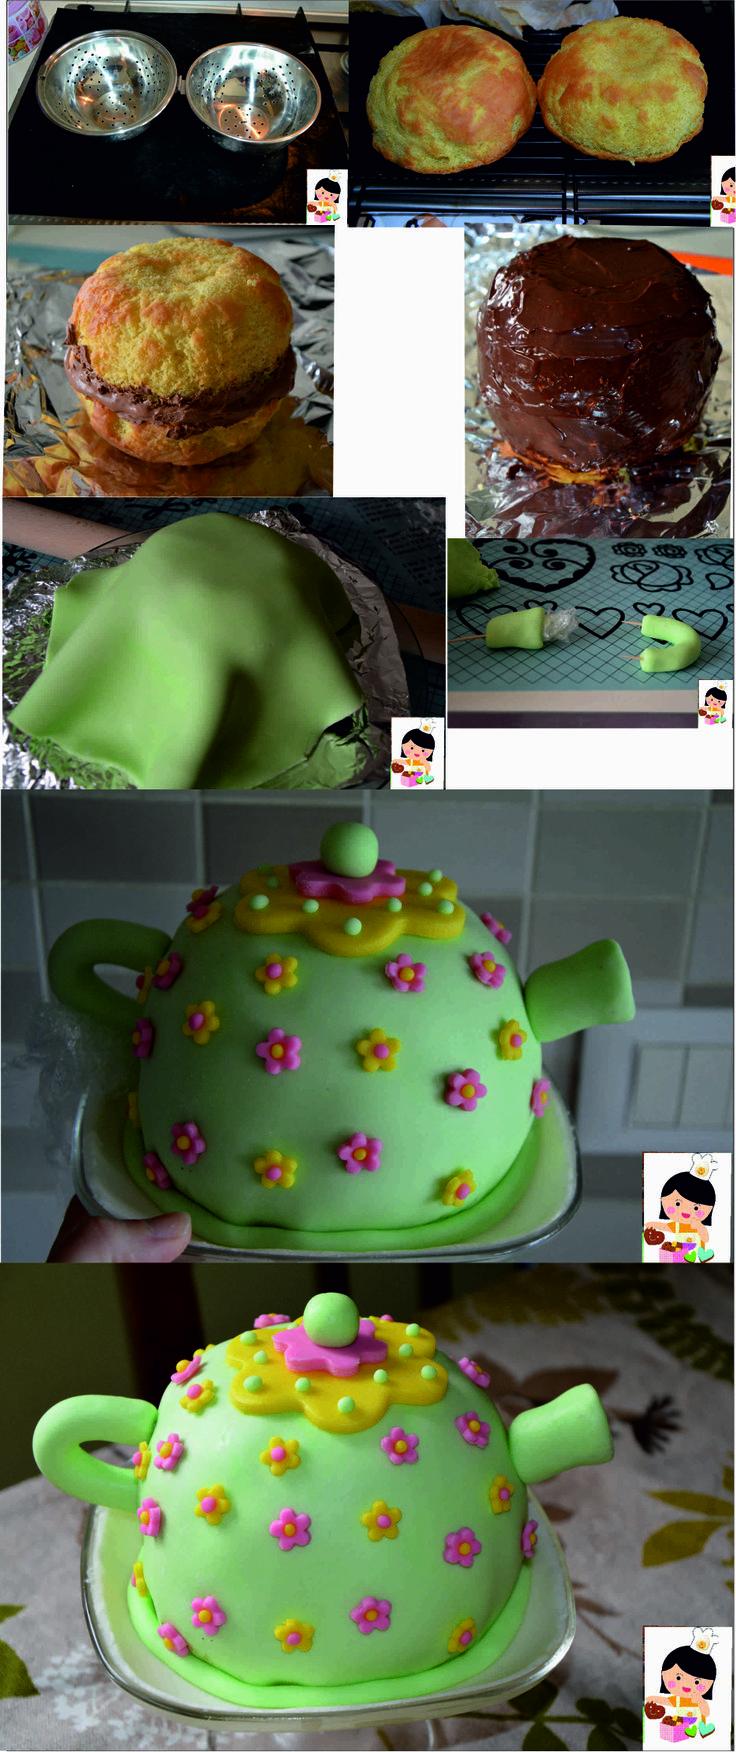 Come si fa una torta teiera usando come stampo un cuociriso!